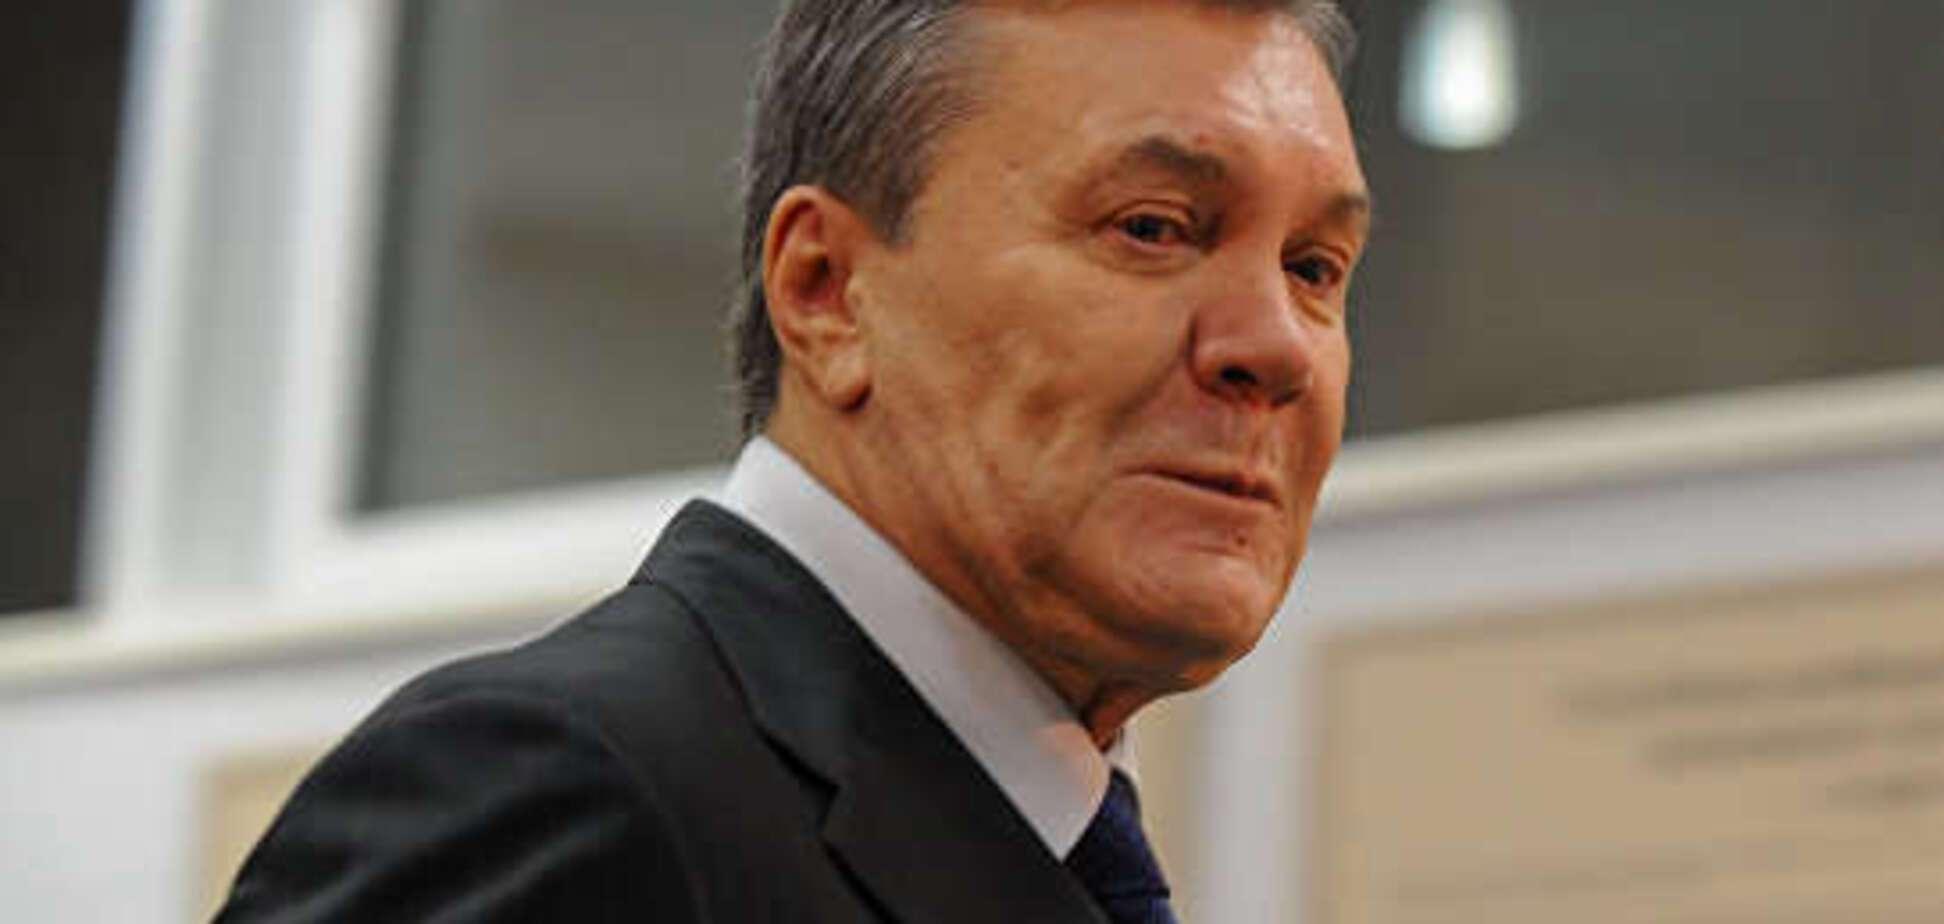 Как Россия спасла Януковича: рассекречены новые детали побега экс-президента